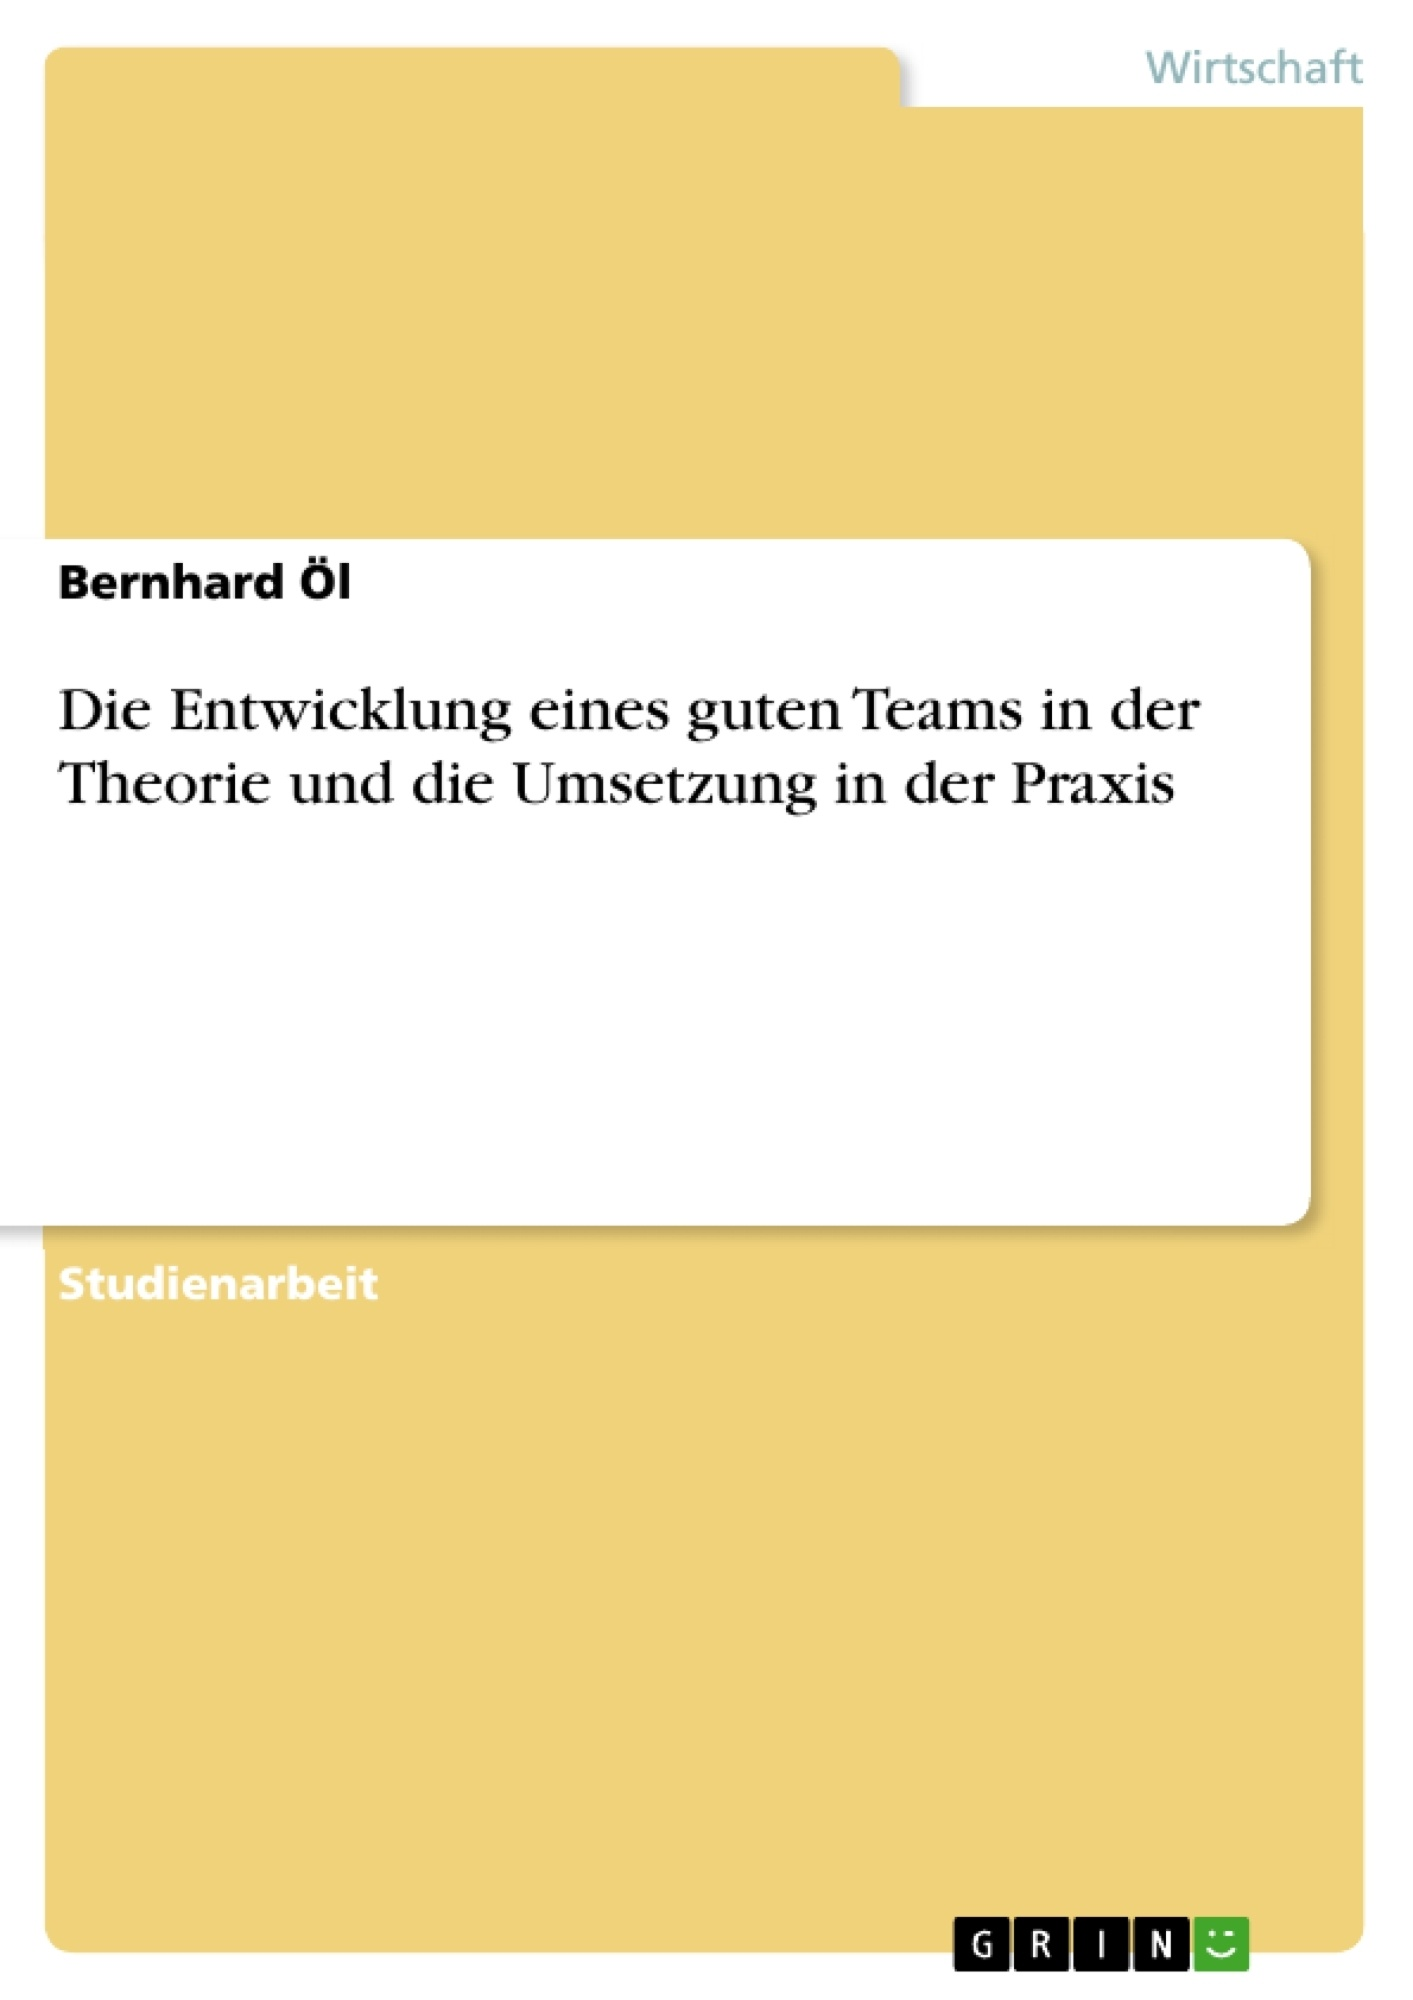 Titel: Die Entwicklung eines guten Teams in der Theorie und die Umsetzung in der Praxis